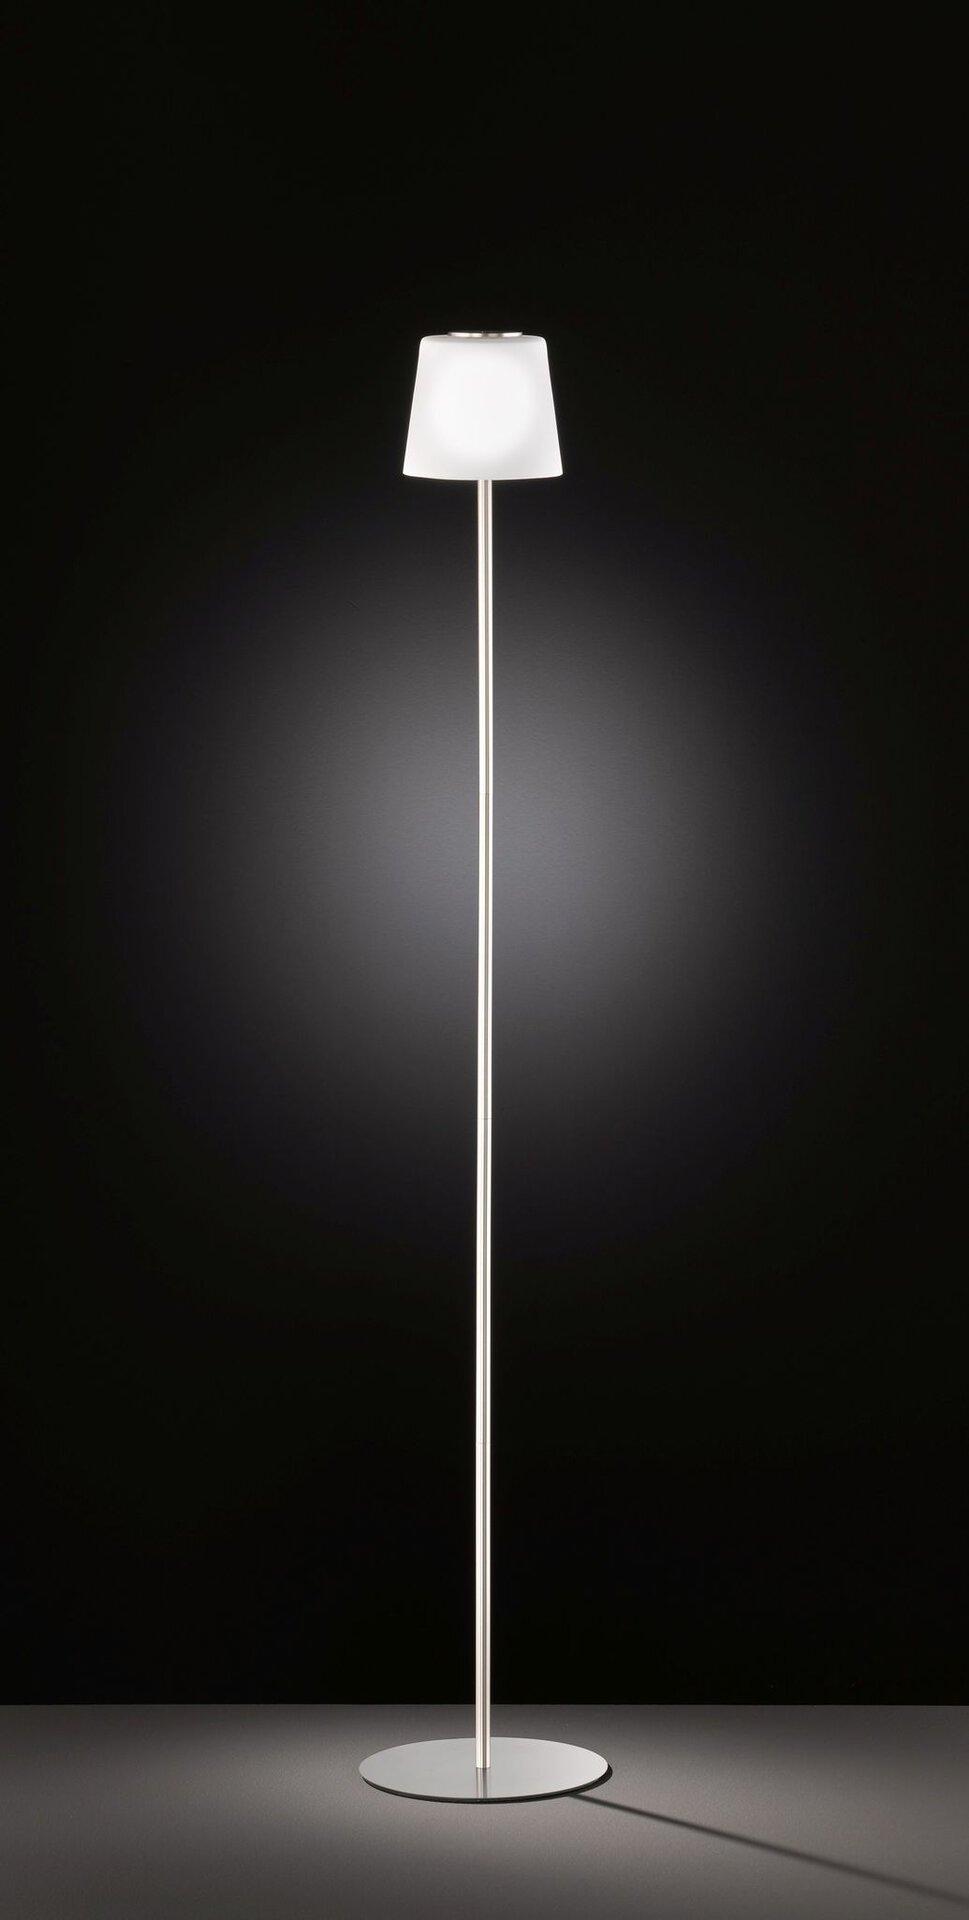 Stehleuchte GENK Wofi Leuchten Metall silber 20 x 115 x 20 cm